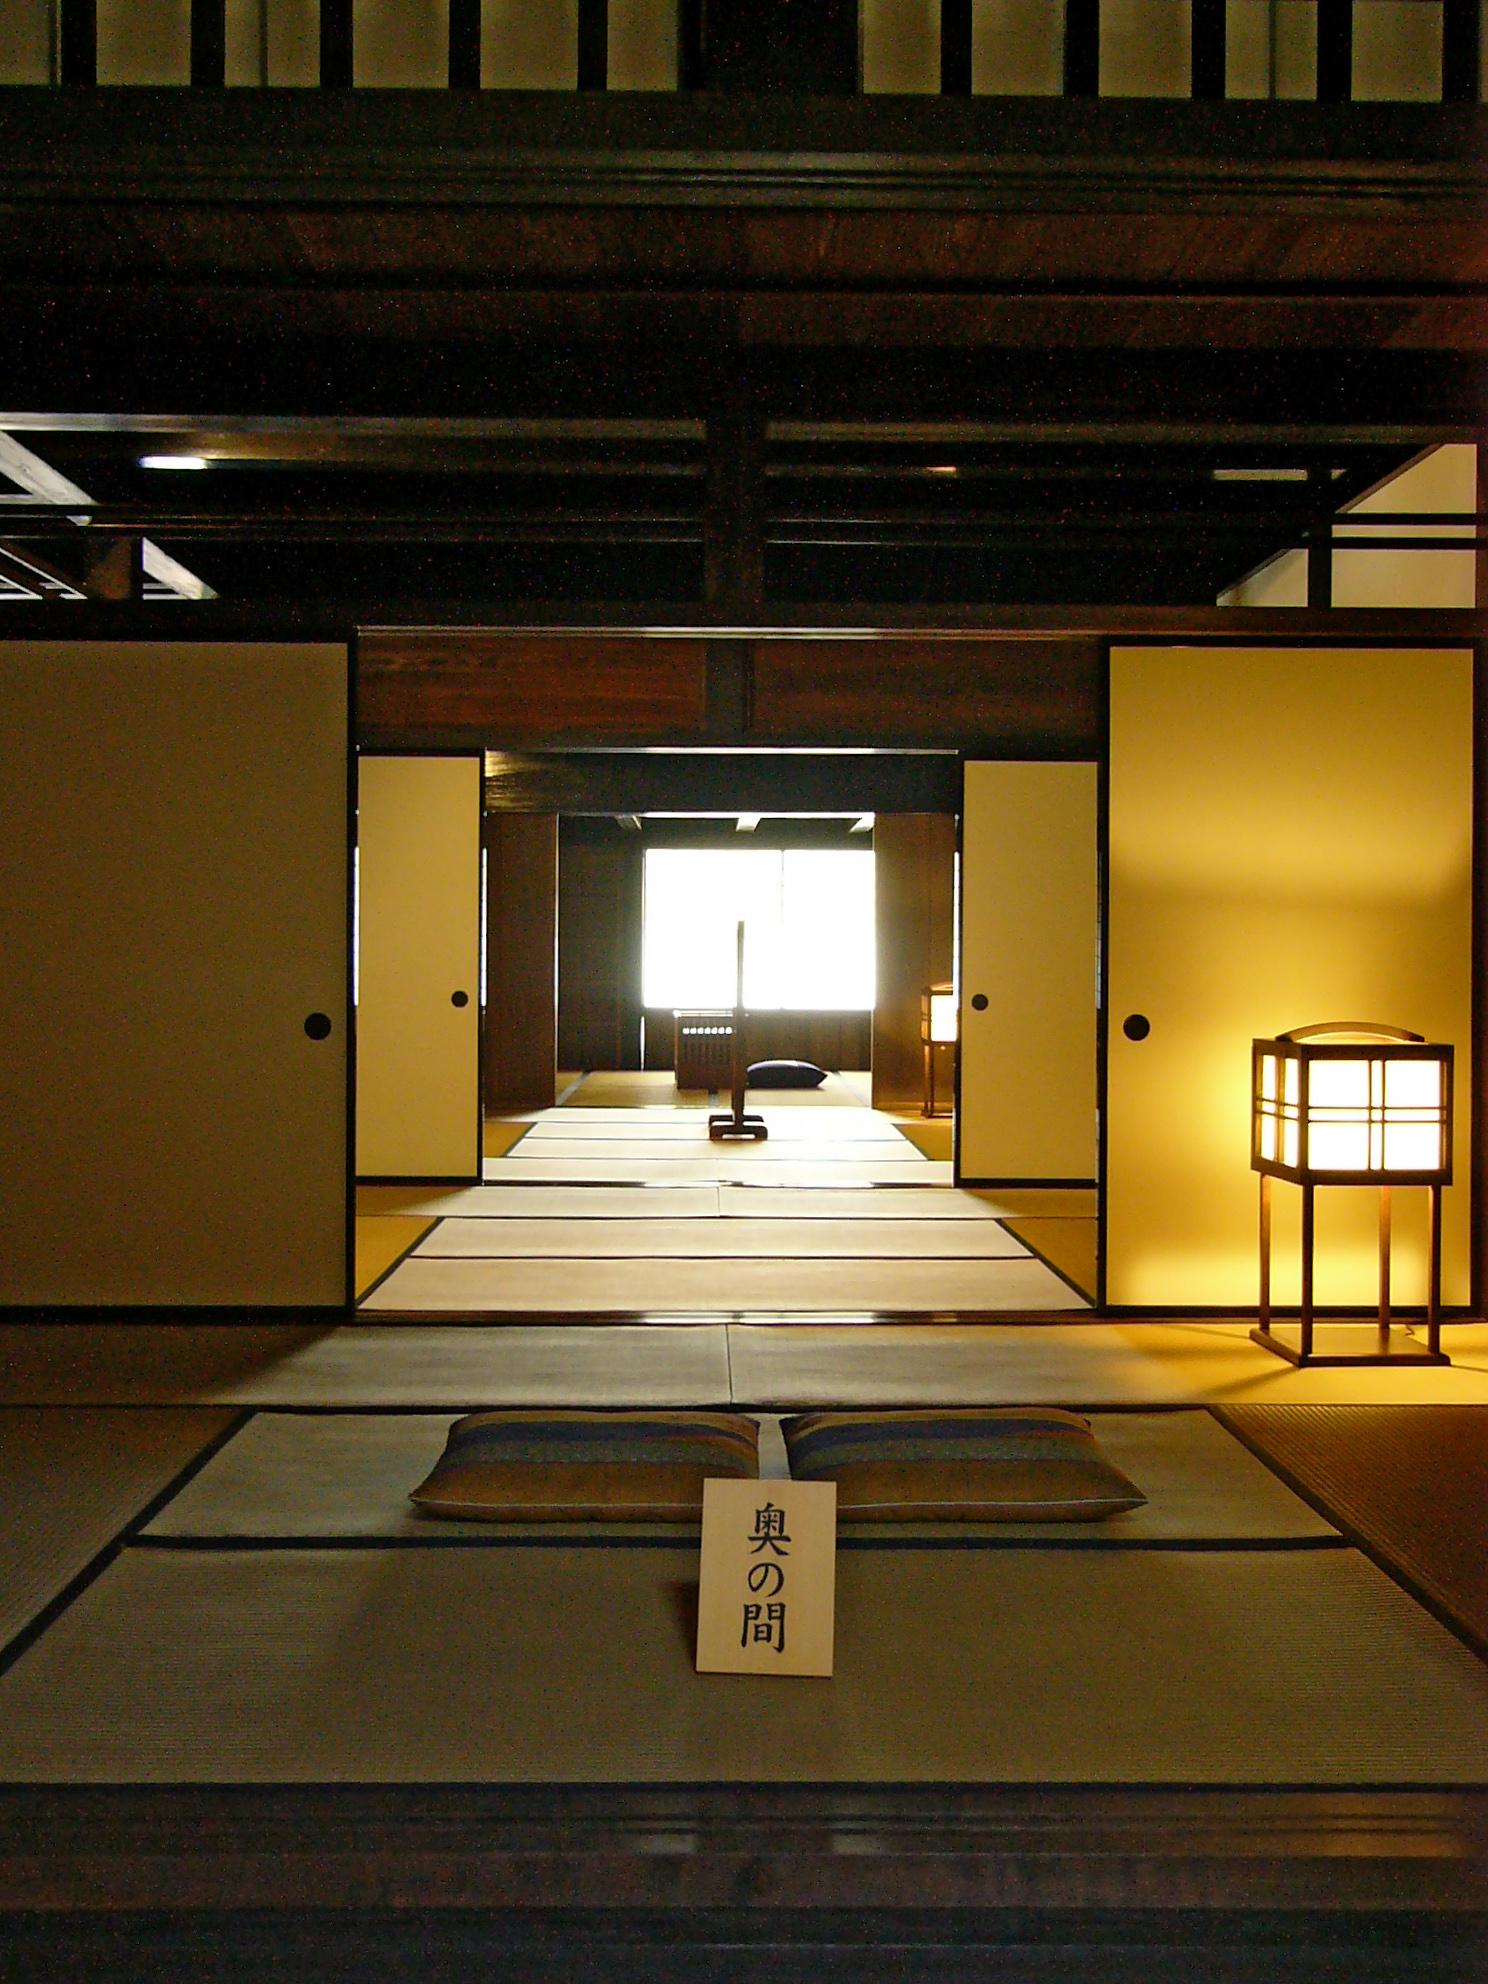 Pintu Geser Rumah Tradisional Jepang Disebut Coba Sebutkan